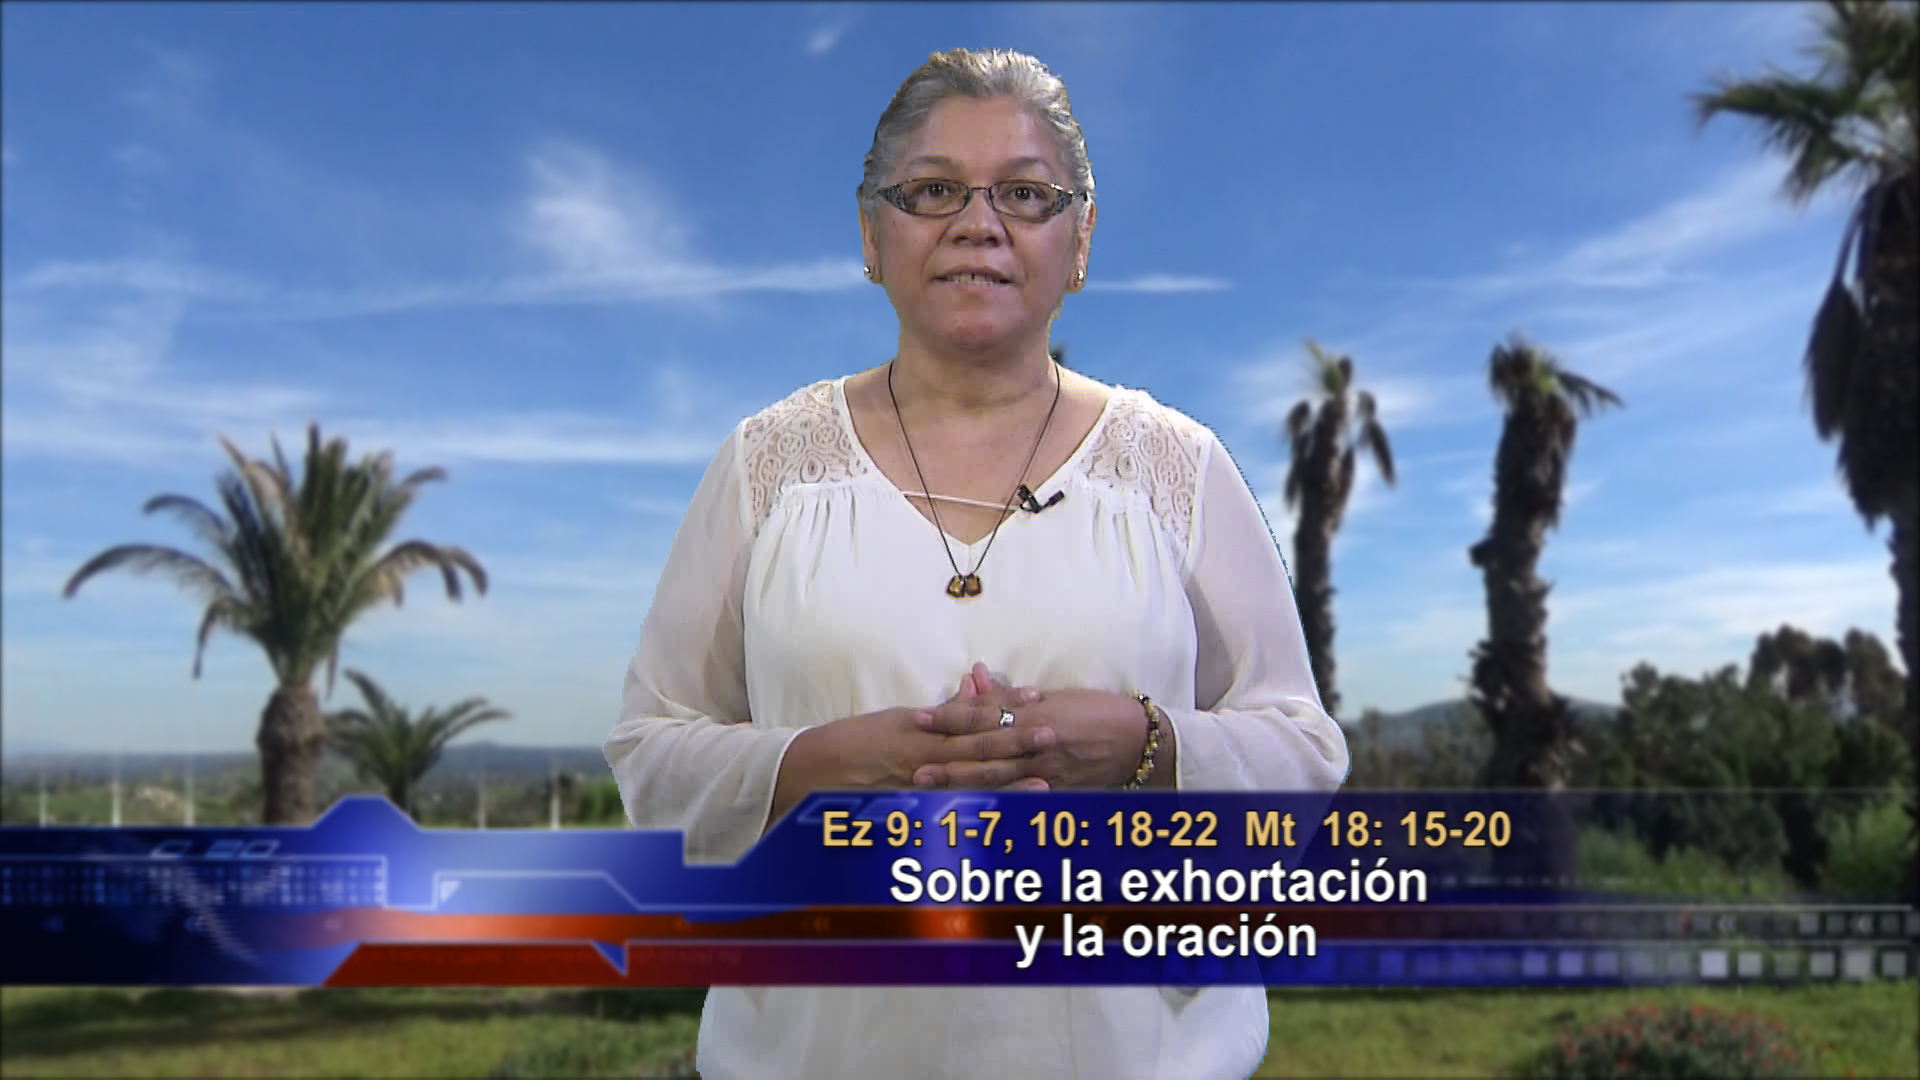 Artwork for Dios te Habla con Angela Valencia;  Tema el hoy:  Sobre la exhortación y la oración.